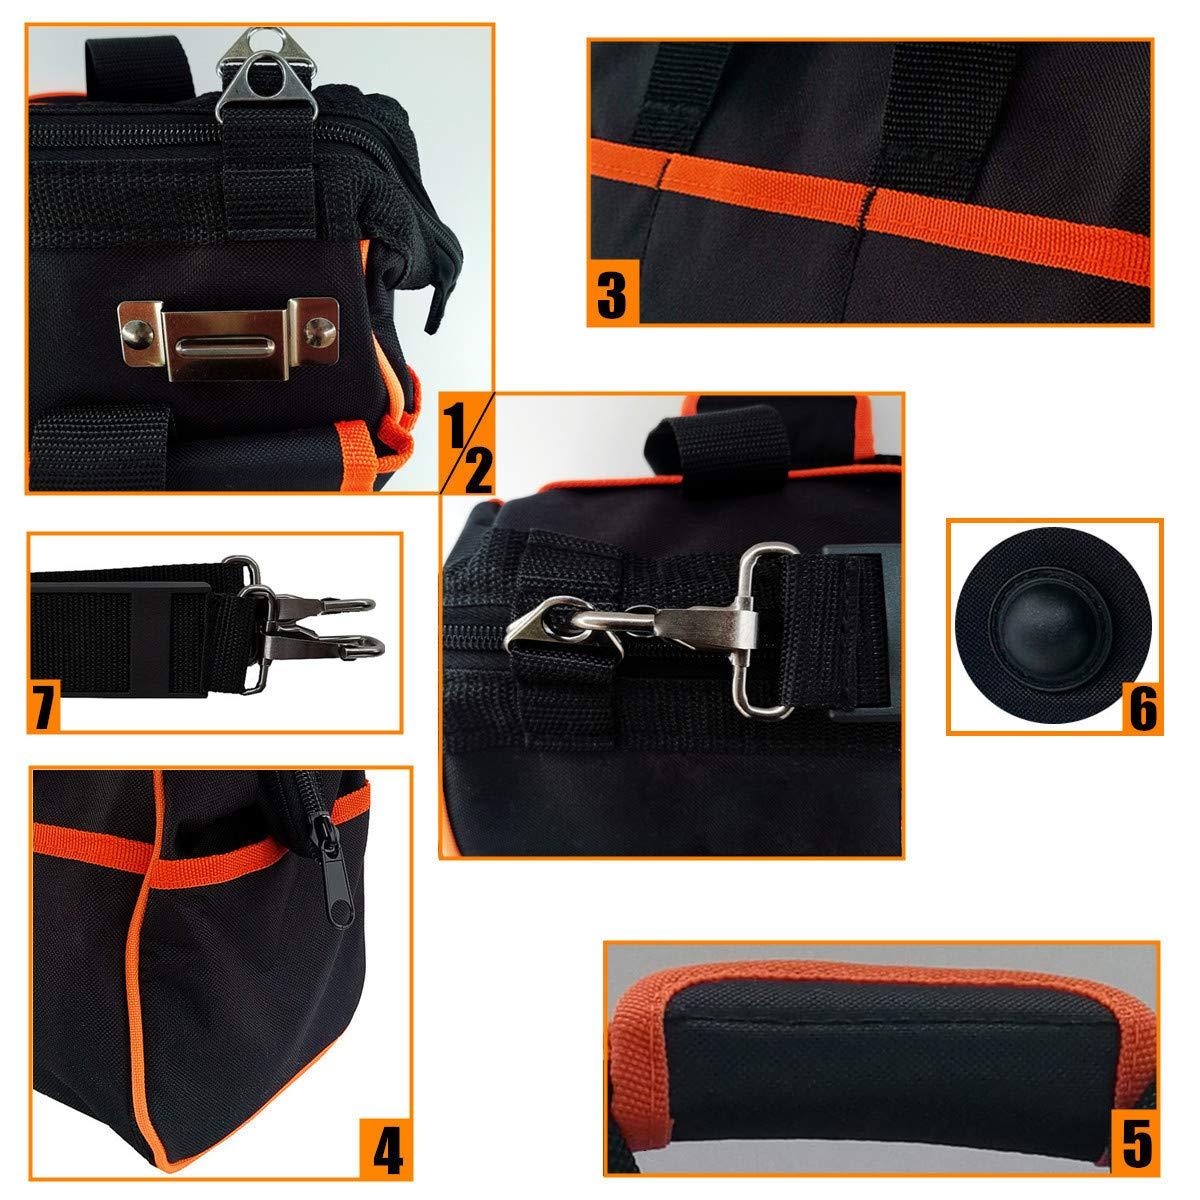 Copechilla bolsa herramientas profesional,multifuncional y gran capacidad,35X28X10CM,600D doble capa de Oxford tela impermeable,Negro,para electricista t/écnico mantenimiento,taladro,multimeter